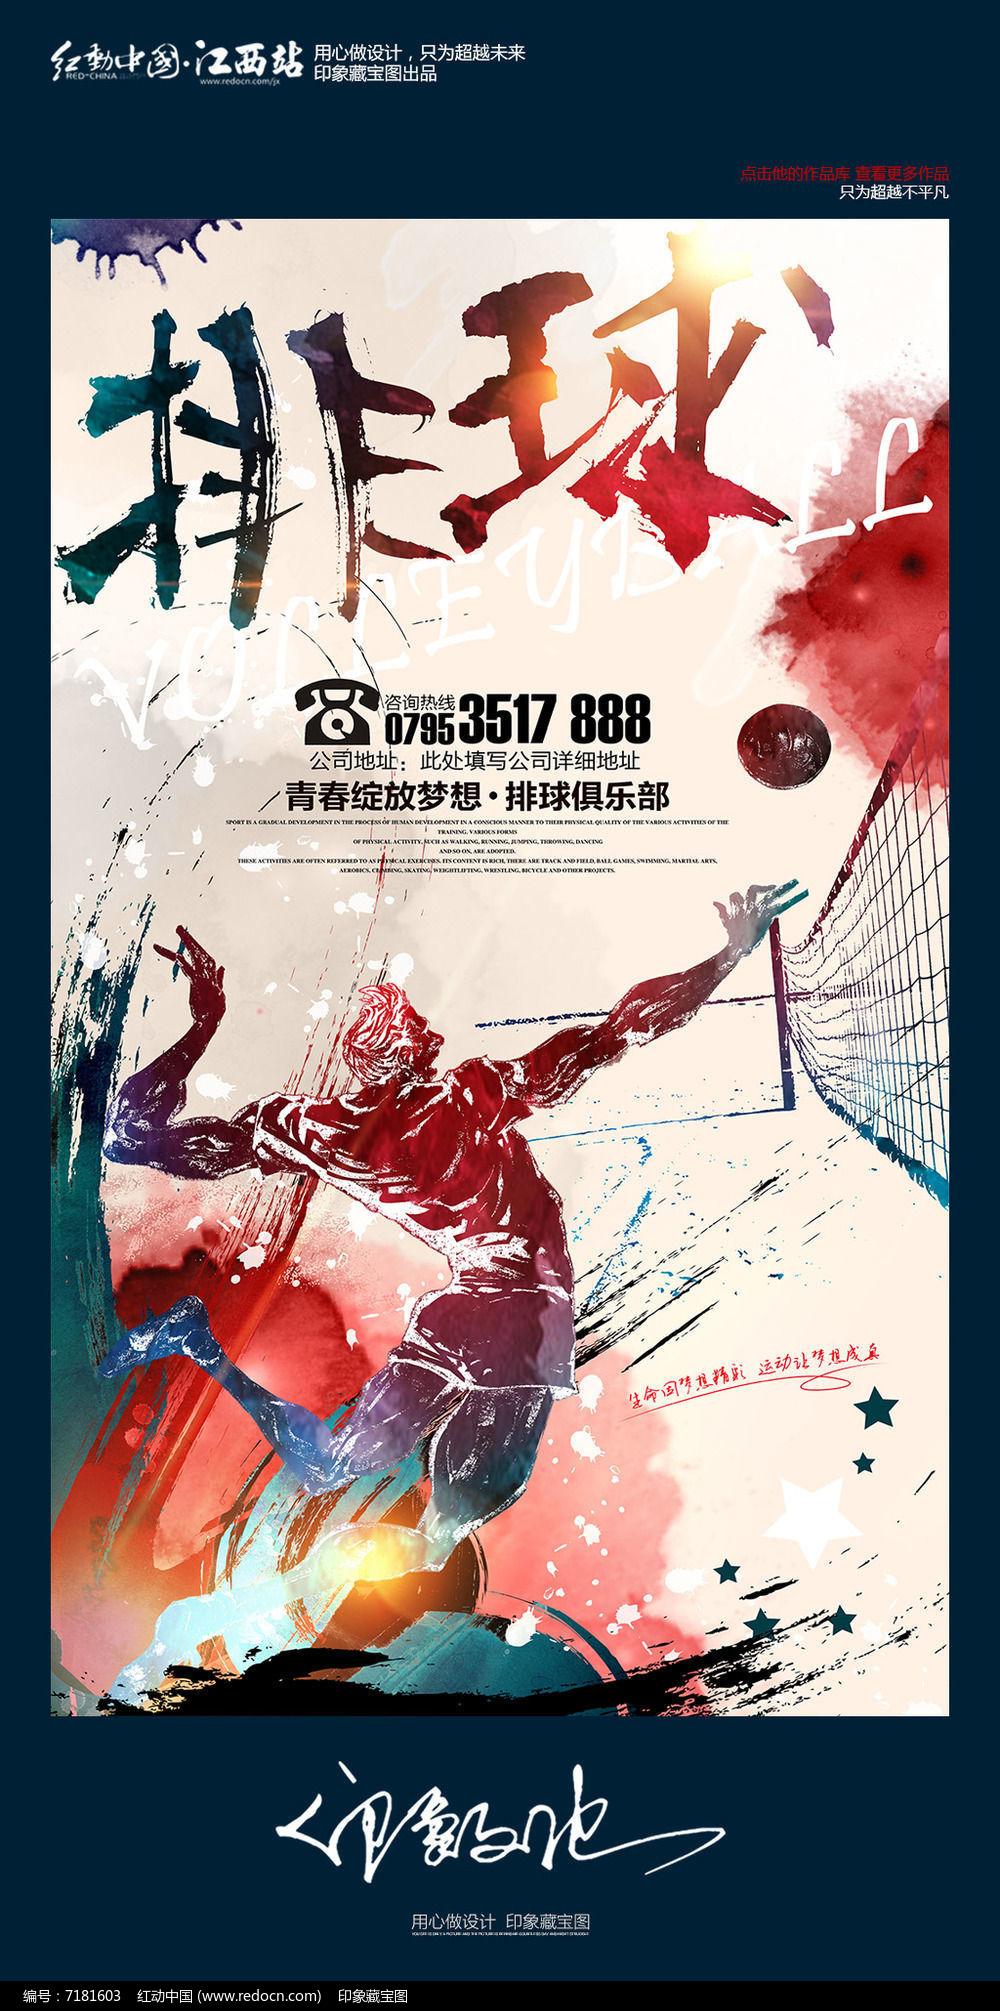 创意水彩排球宣传海报设计